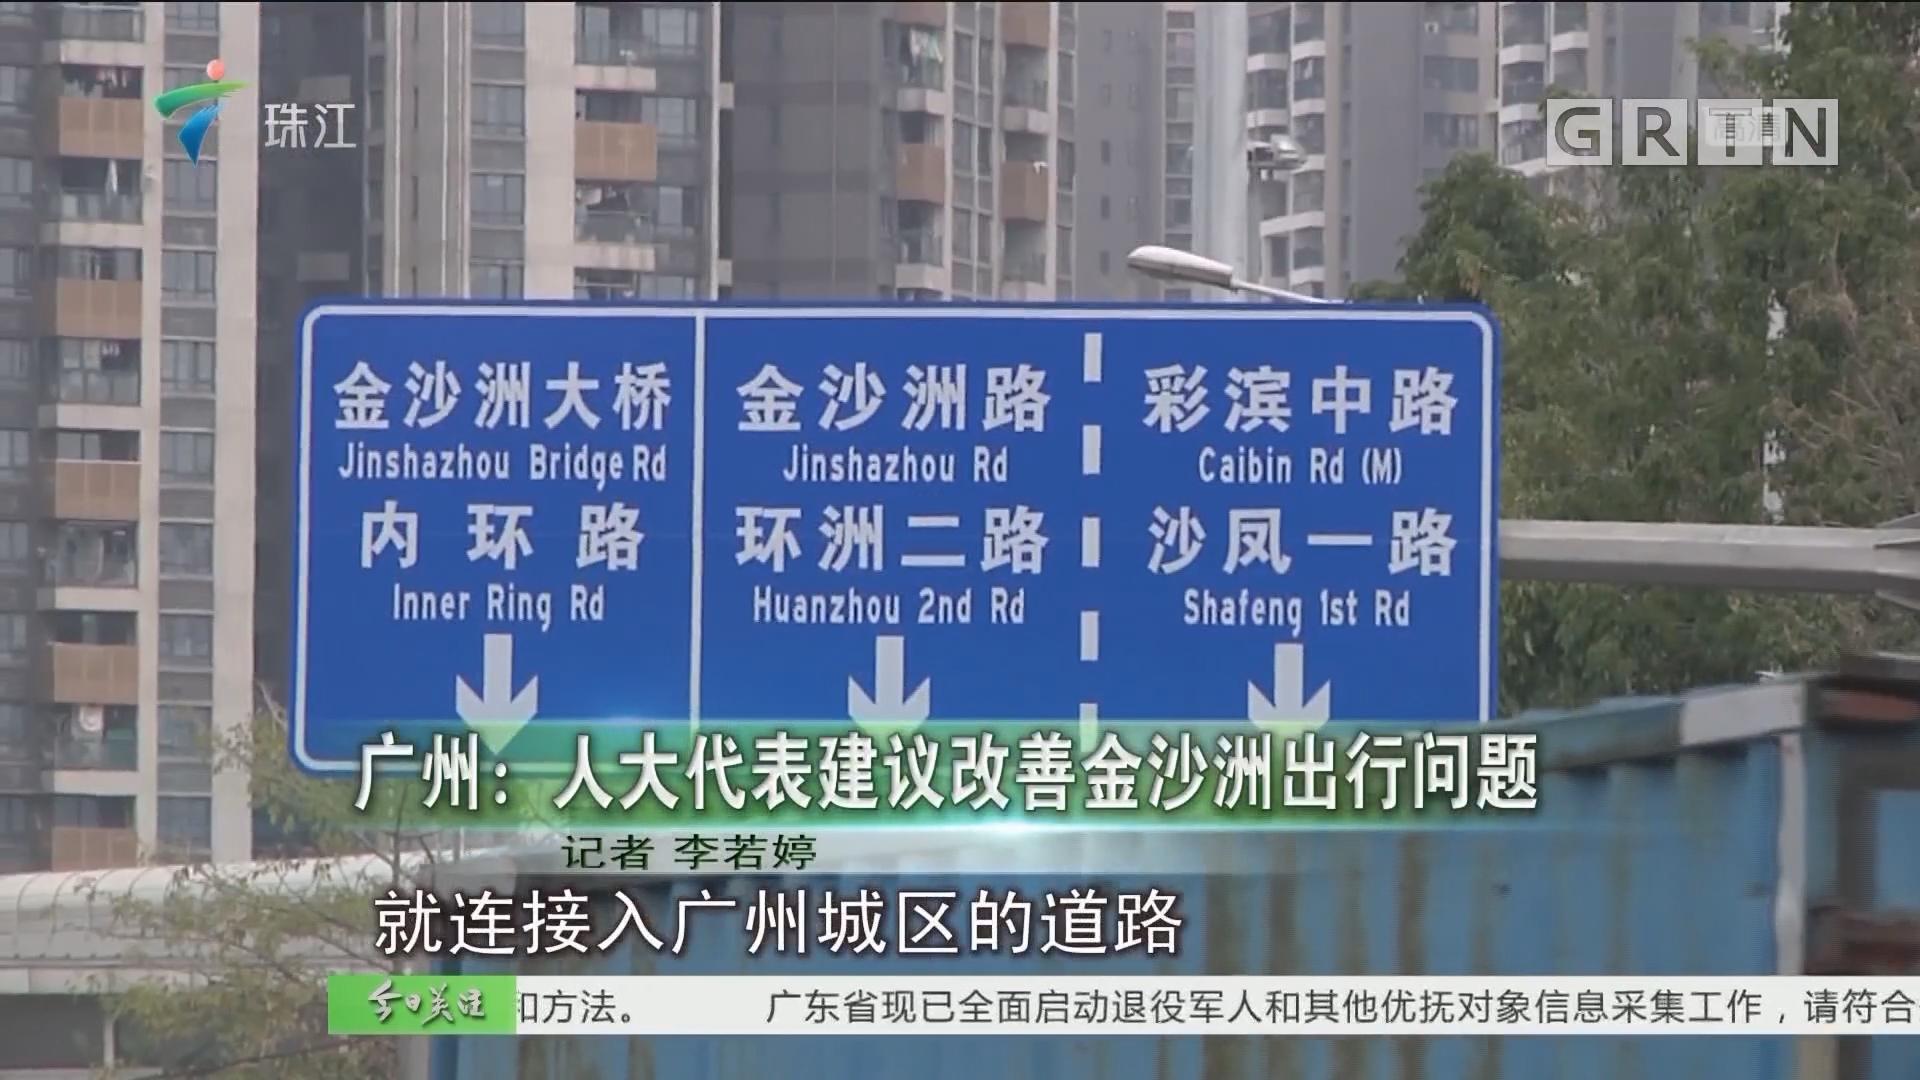 广州:人大代表建议改善金沙洲出行问题